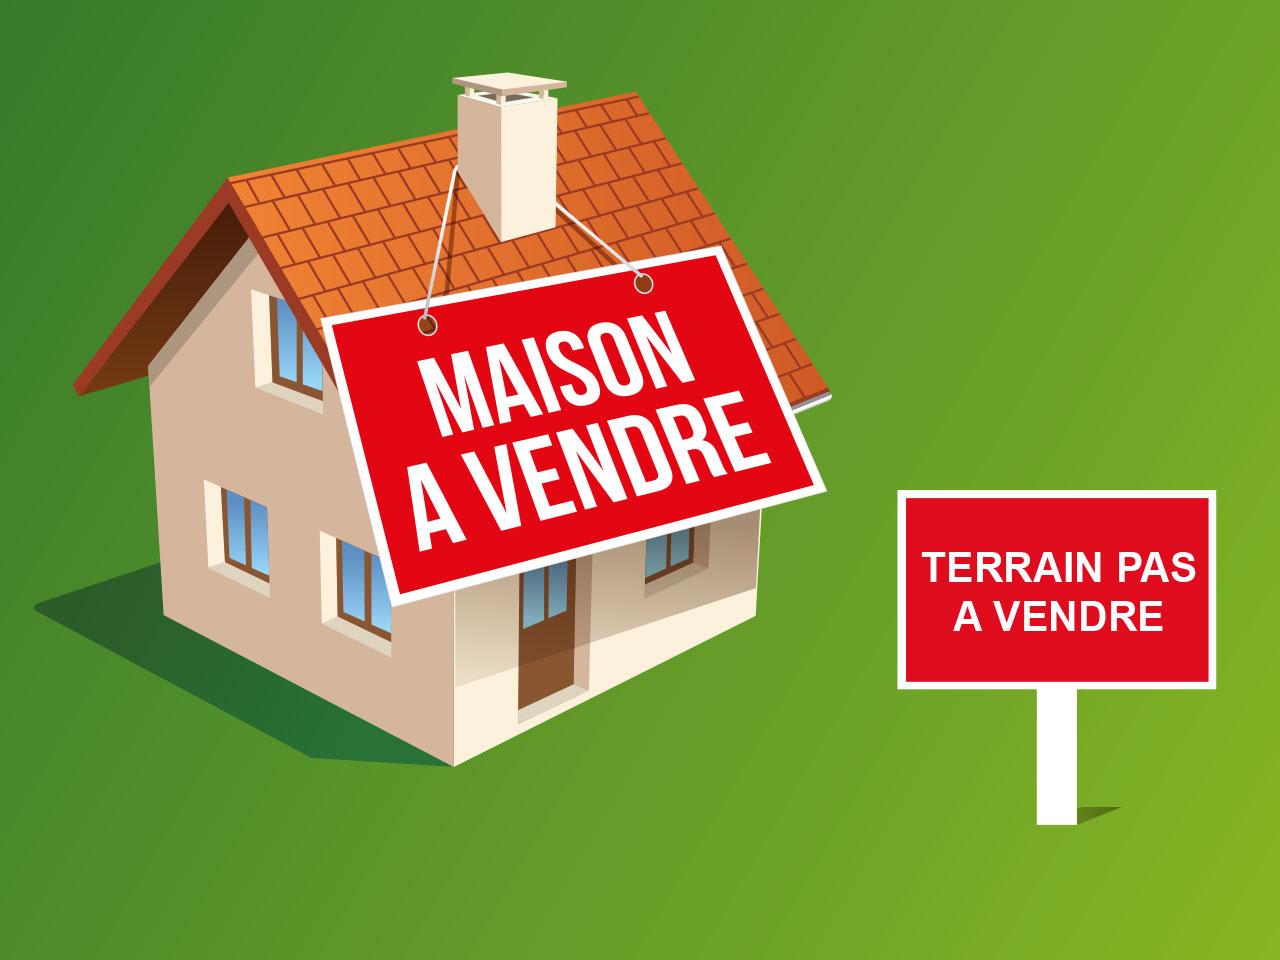 Acheter un bien immobilier sans le terrain